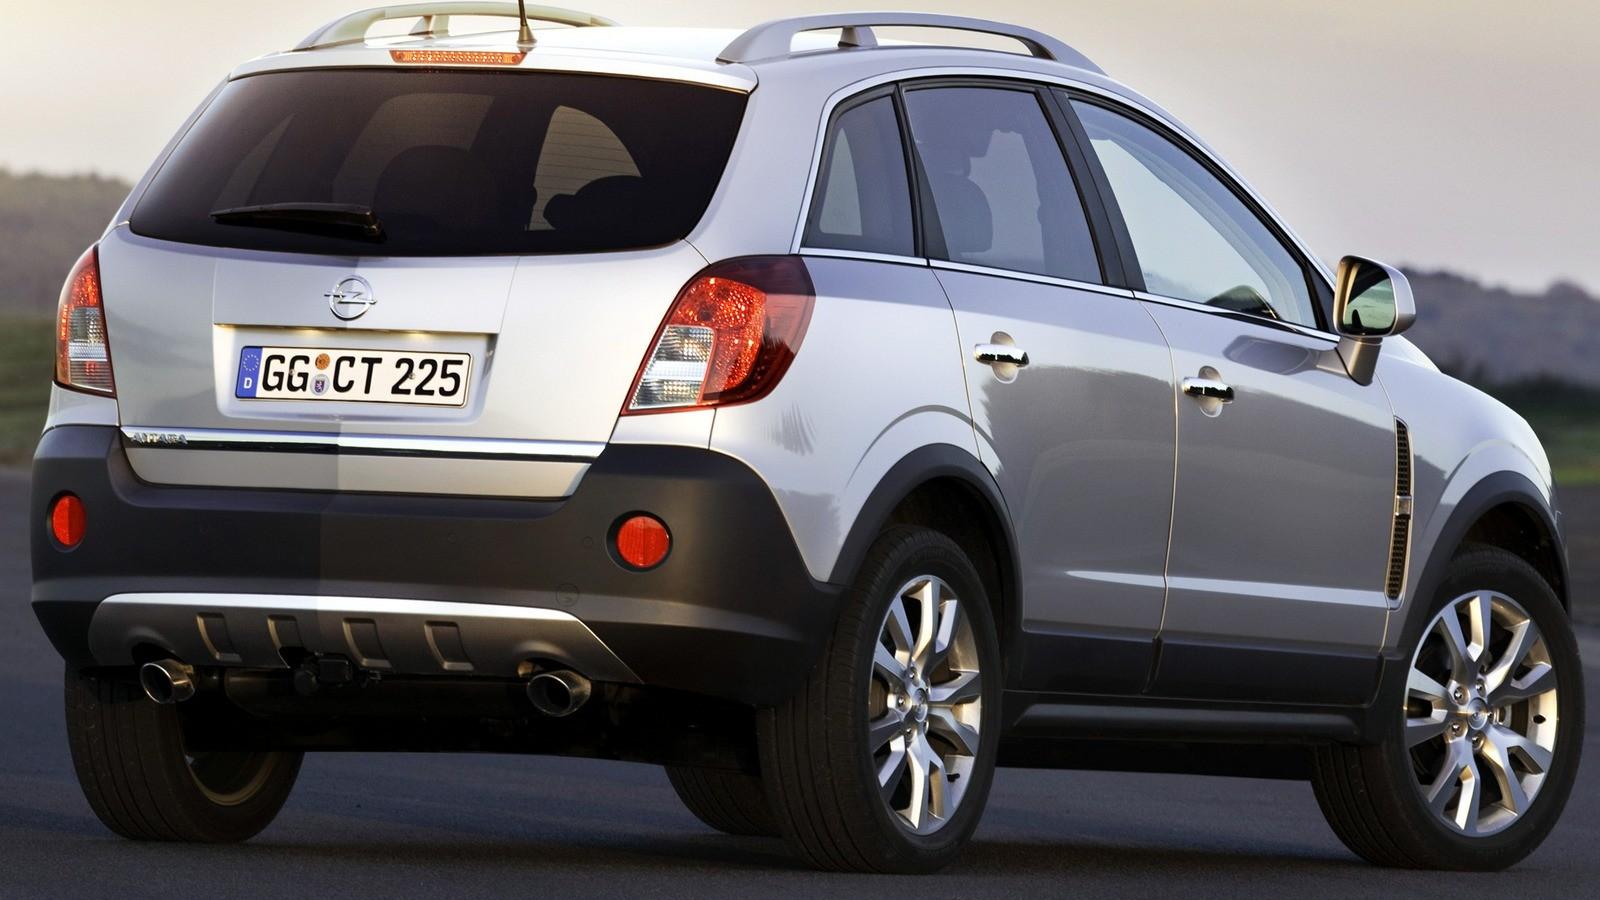 Opel antara с пробегом